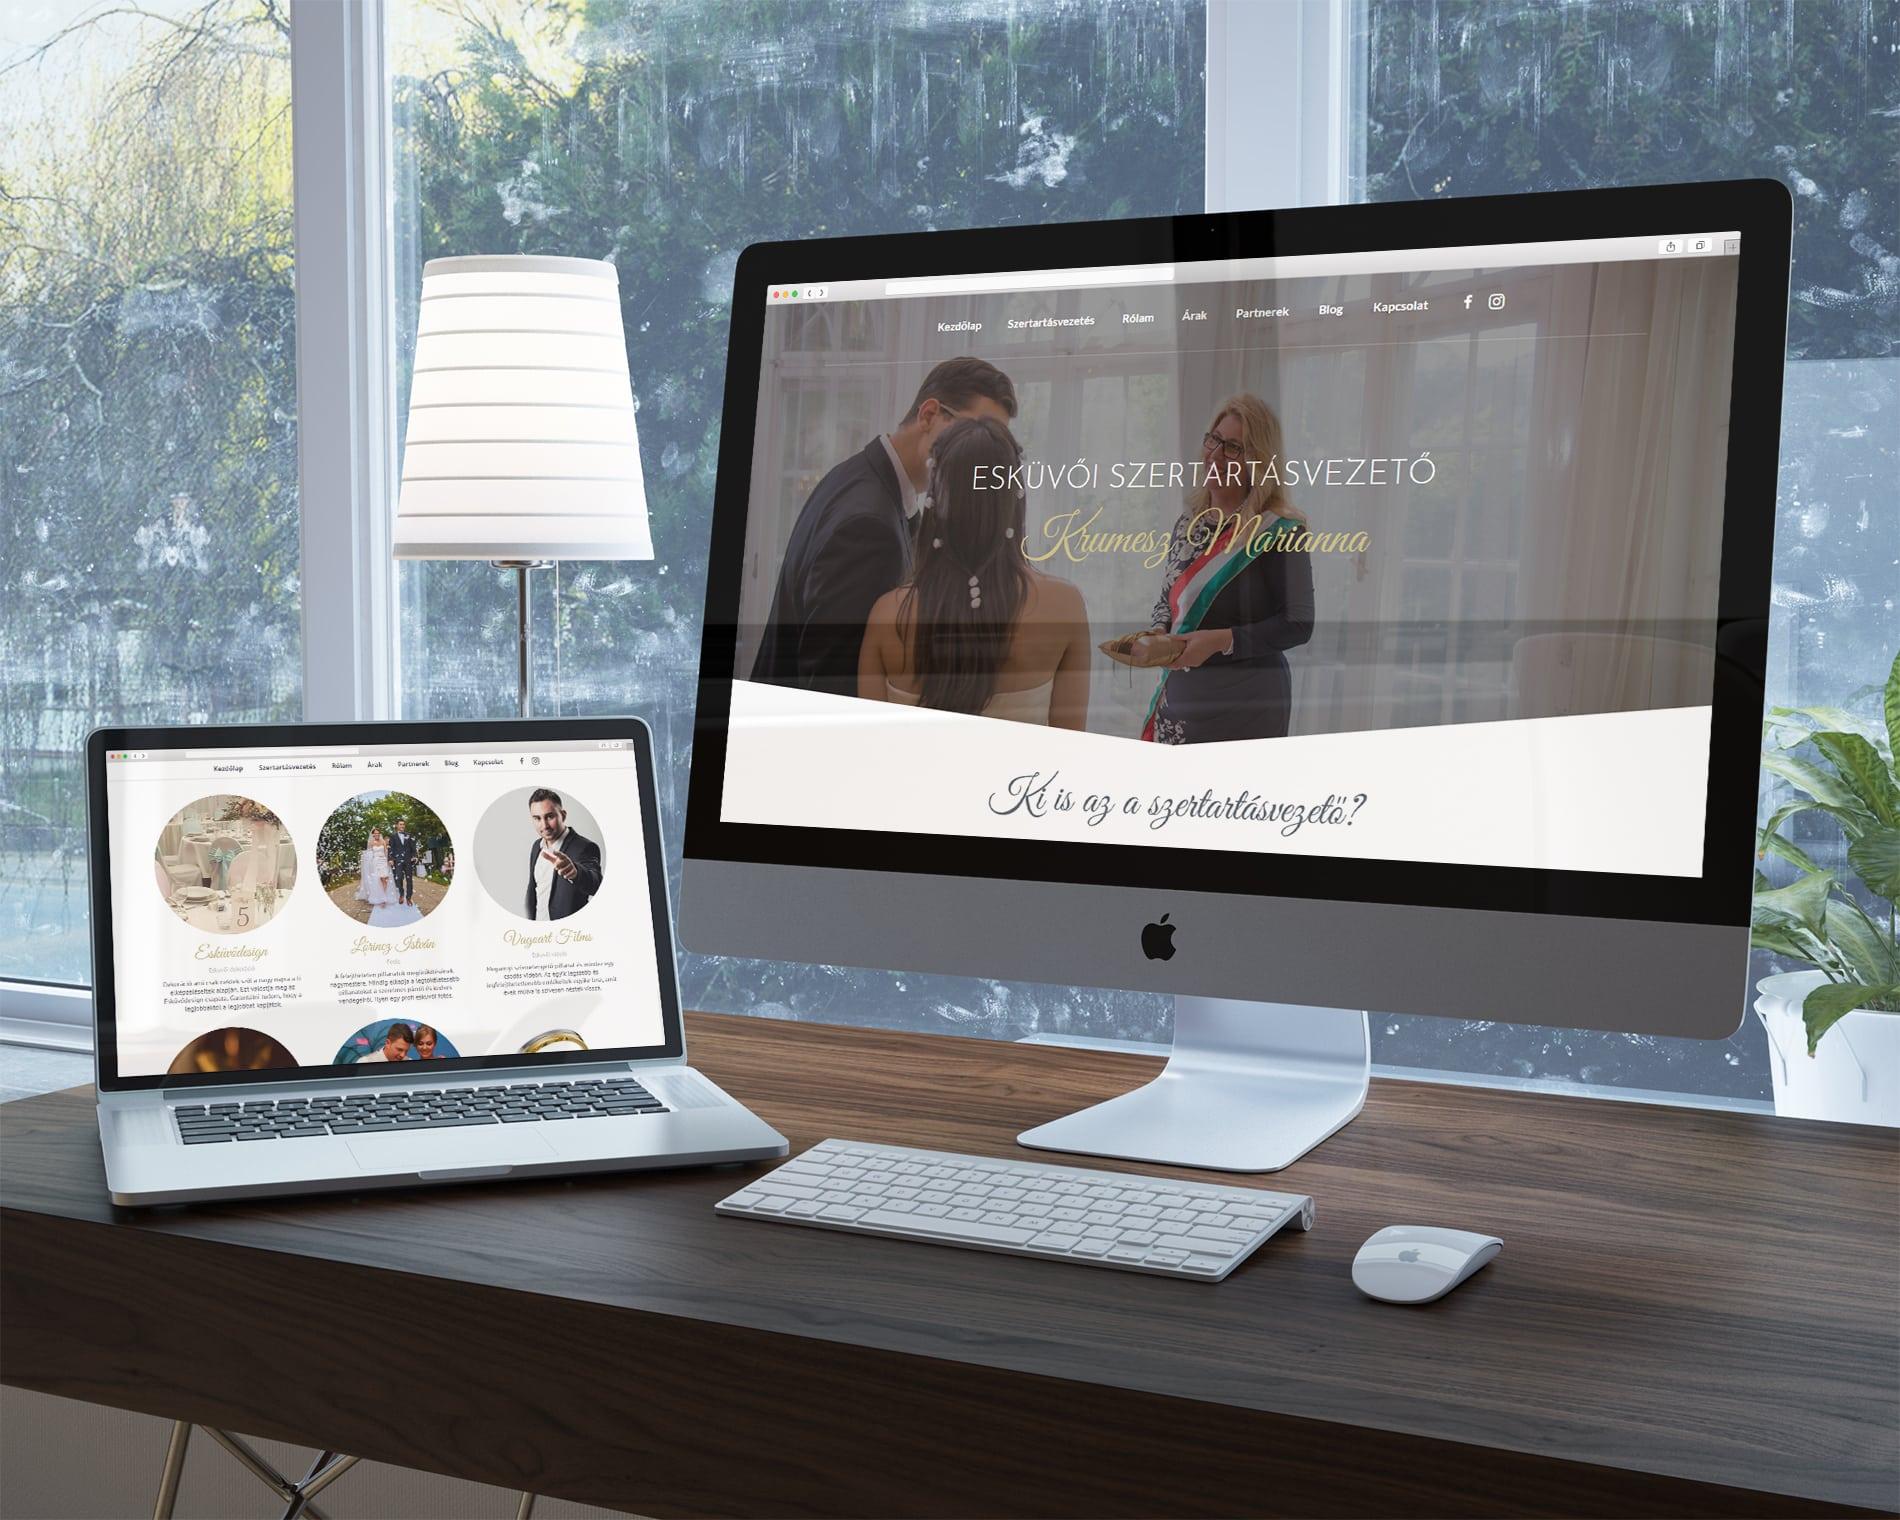 Esküvői szertartásod weboldal